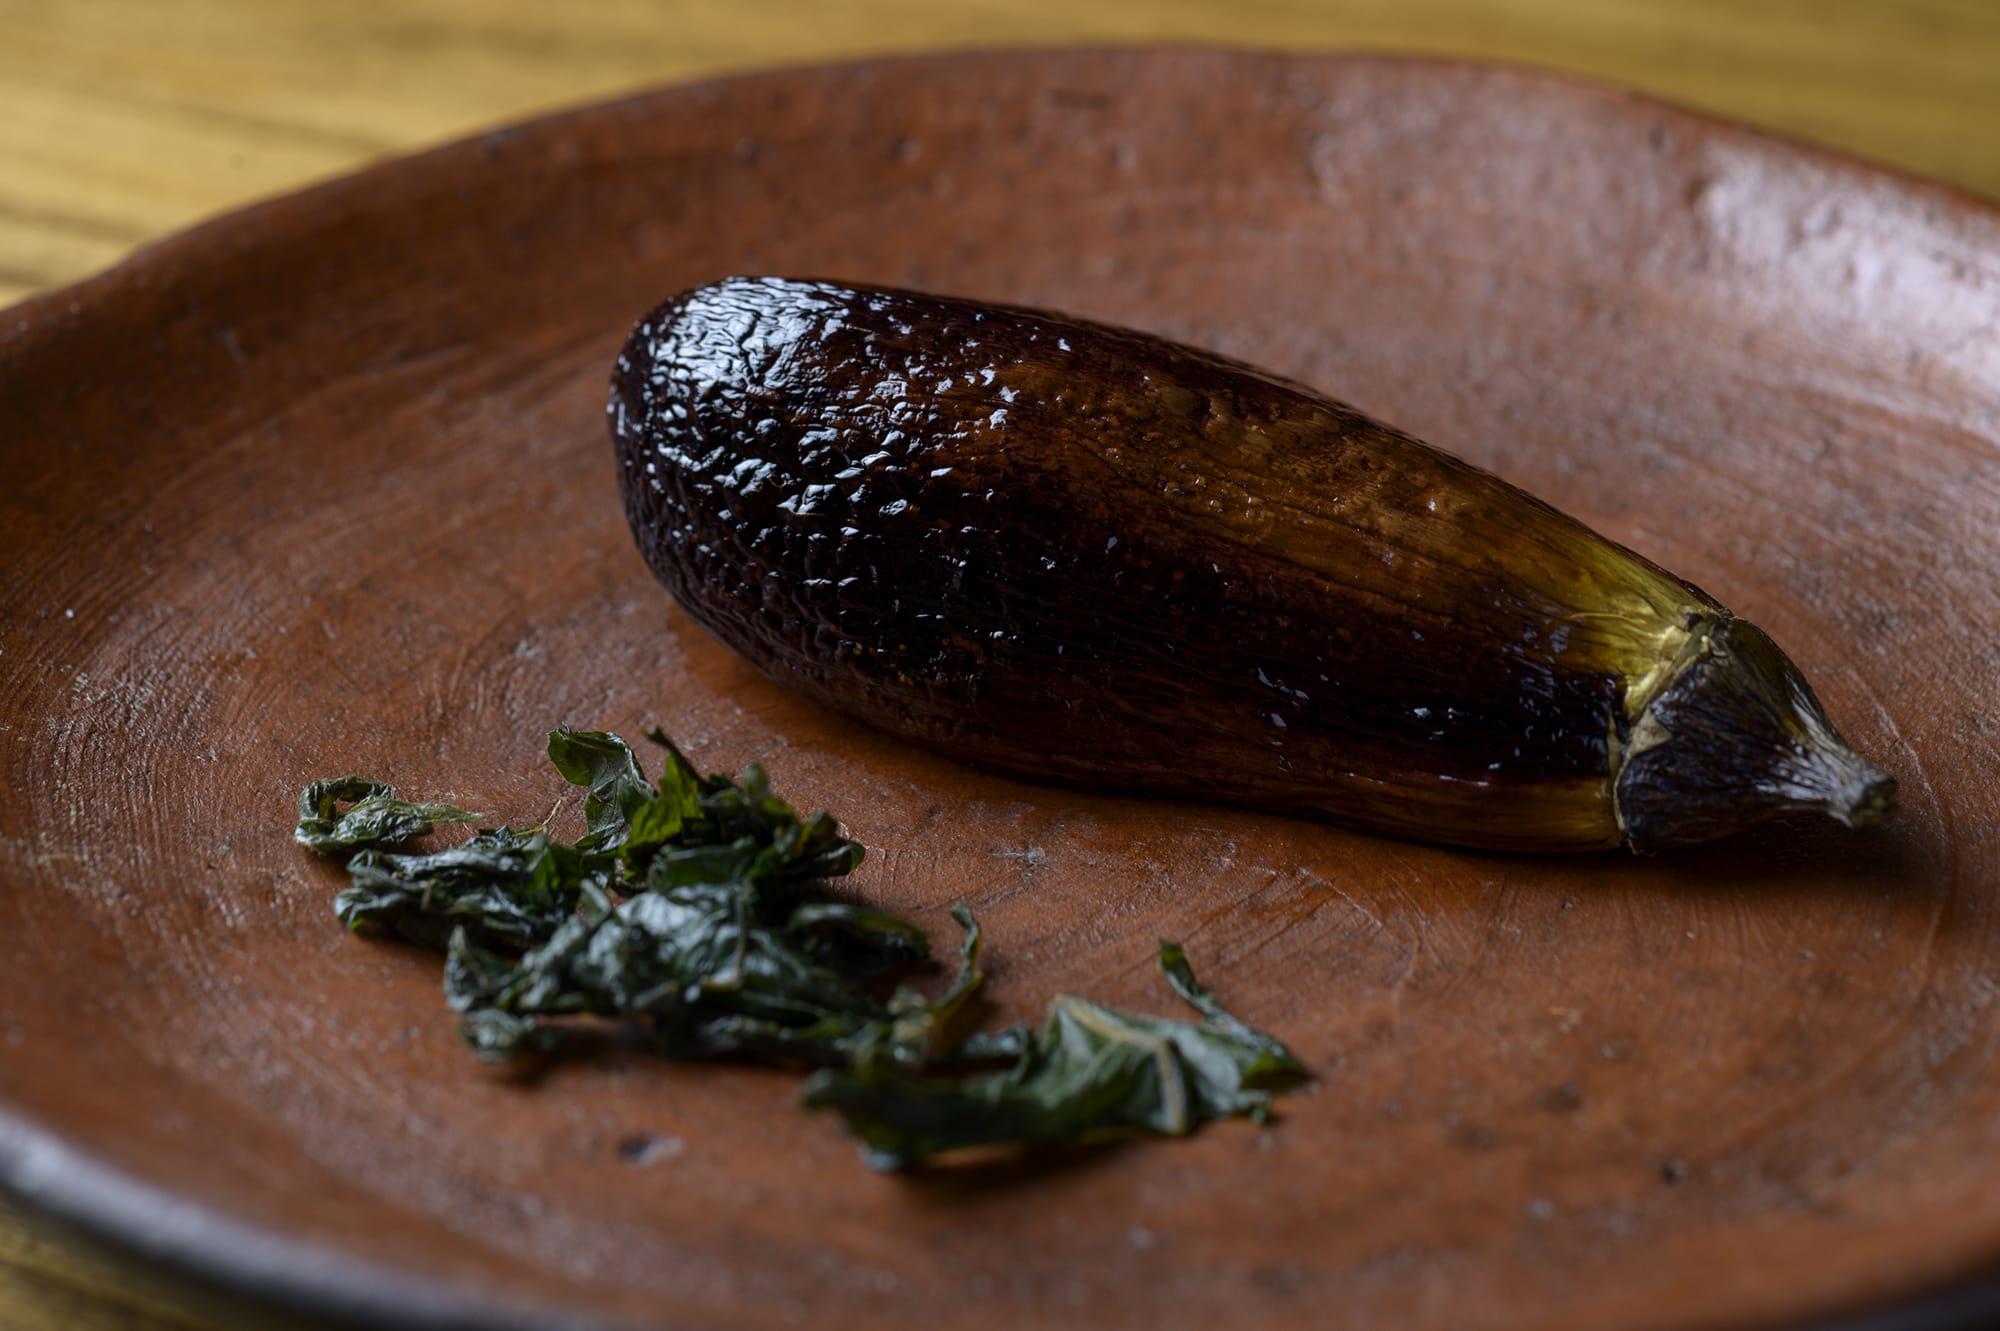 いつも通っている埼玉県内の農家から仕入れたナスは、生でも食べられる最高傑作だという。